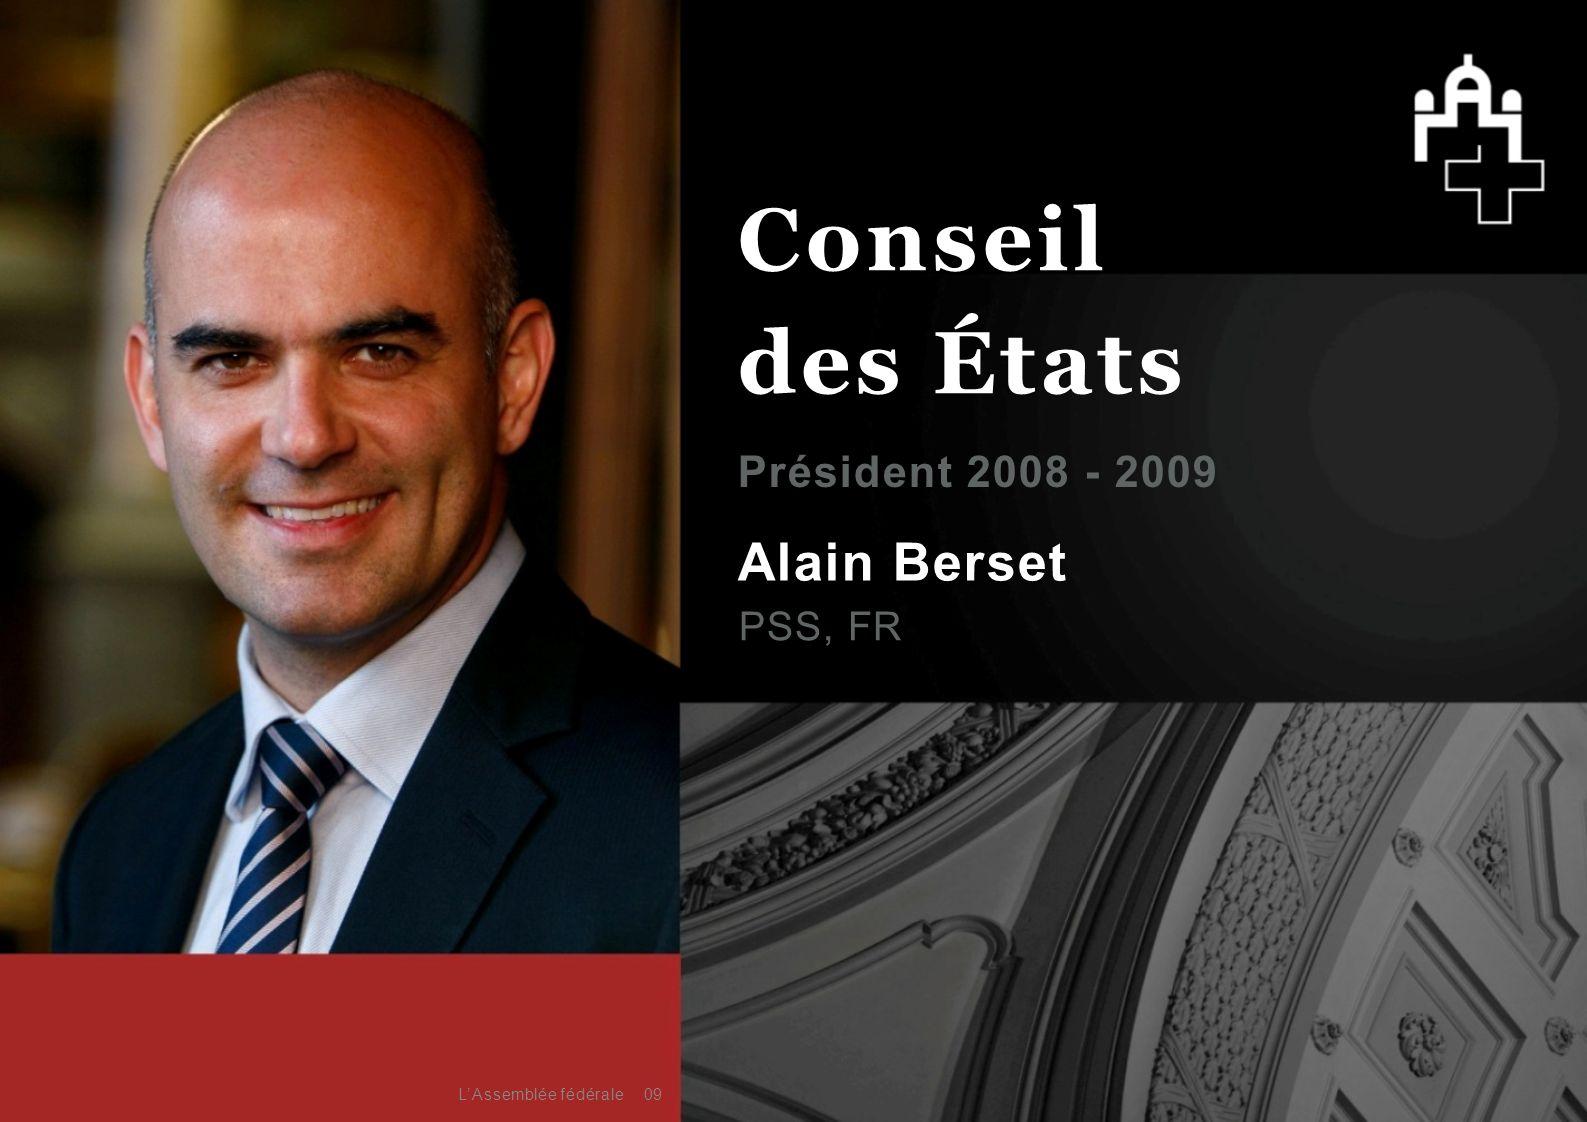 Alain Berset PSS, FR Président 2008 - 2009 09 Conseil des États L'Assemblée fédérale